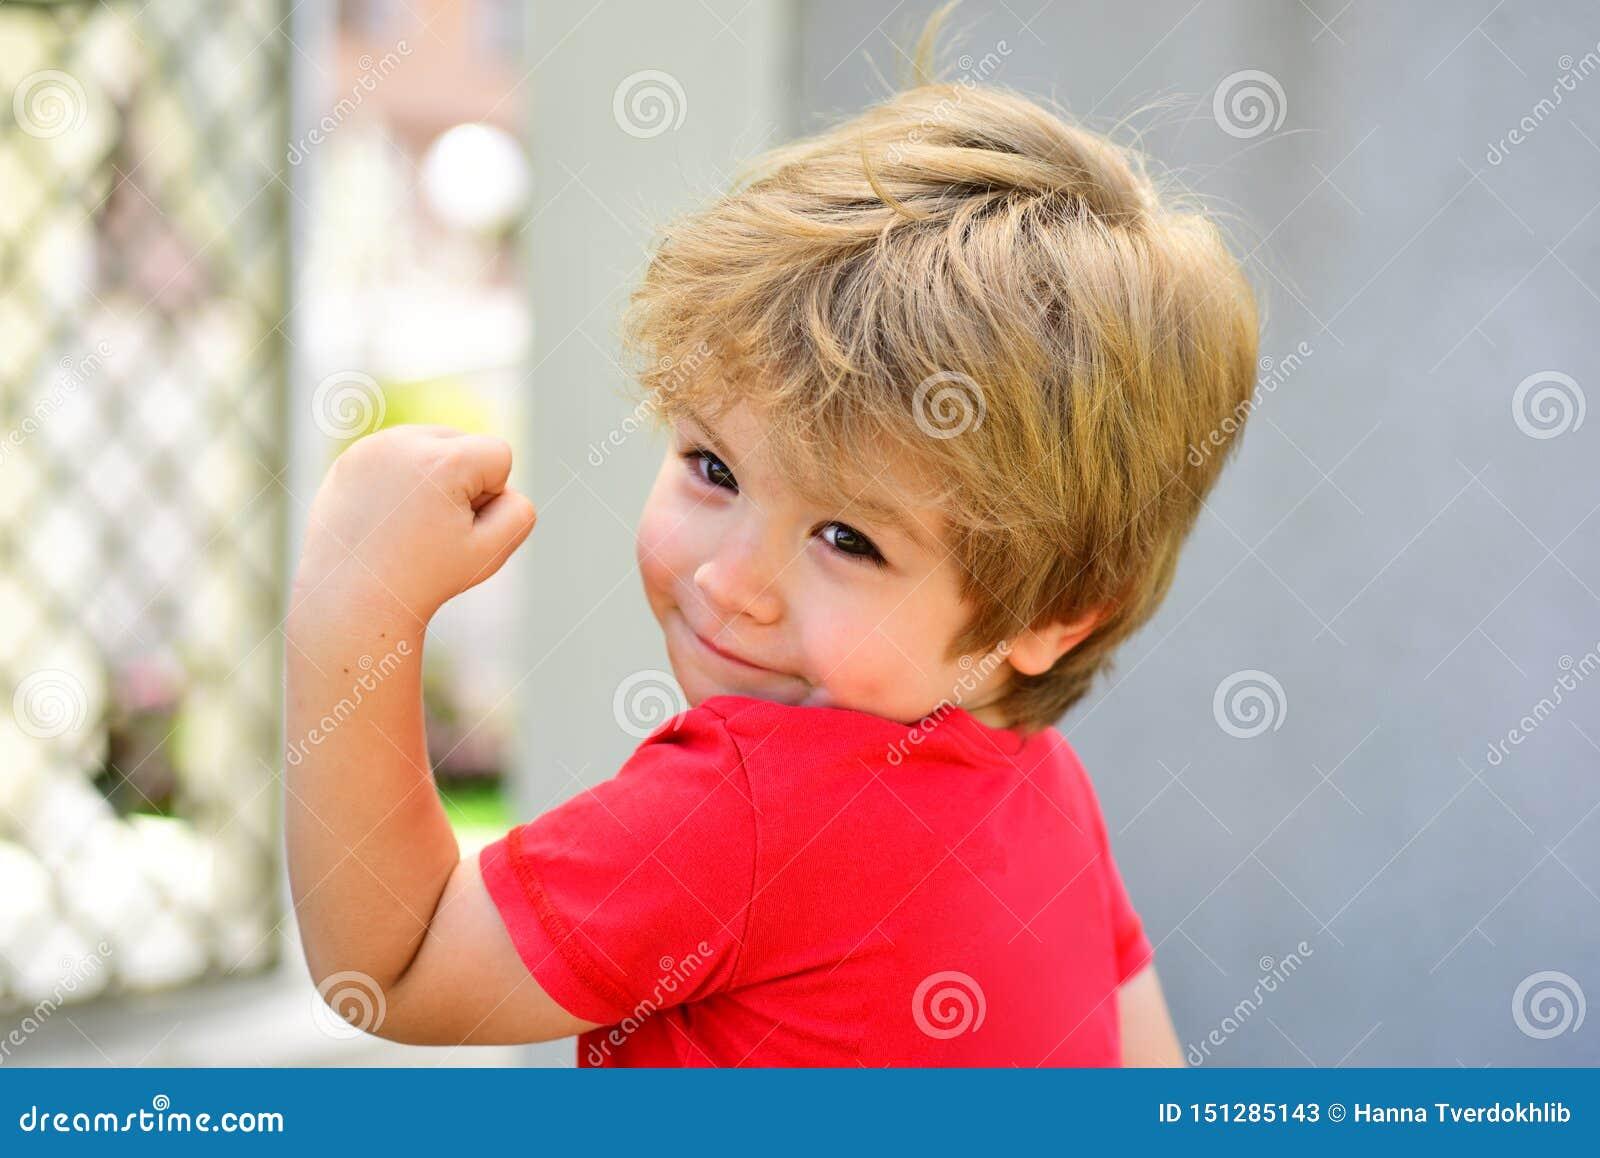 孩子的体育 坚强的帅哥显示他的肌肉 在训练锻炼以后的小孩 r ??